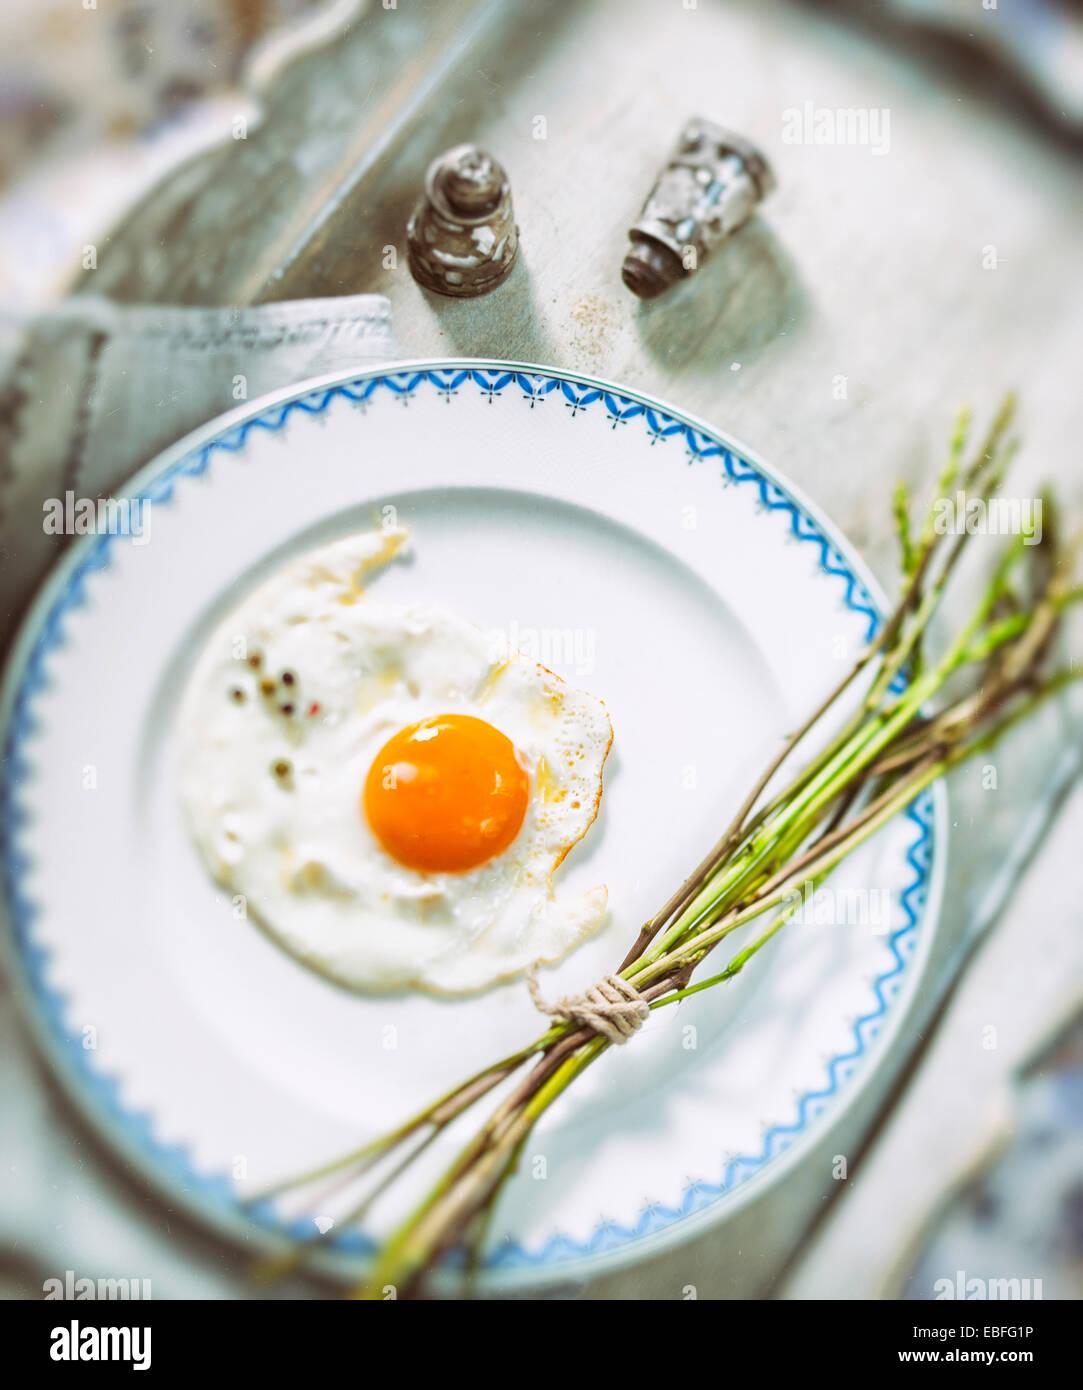 Huevo frito y fresca espárragos silvestres en una placa blanca. Imagen De Stock